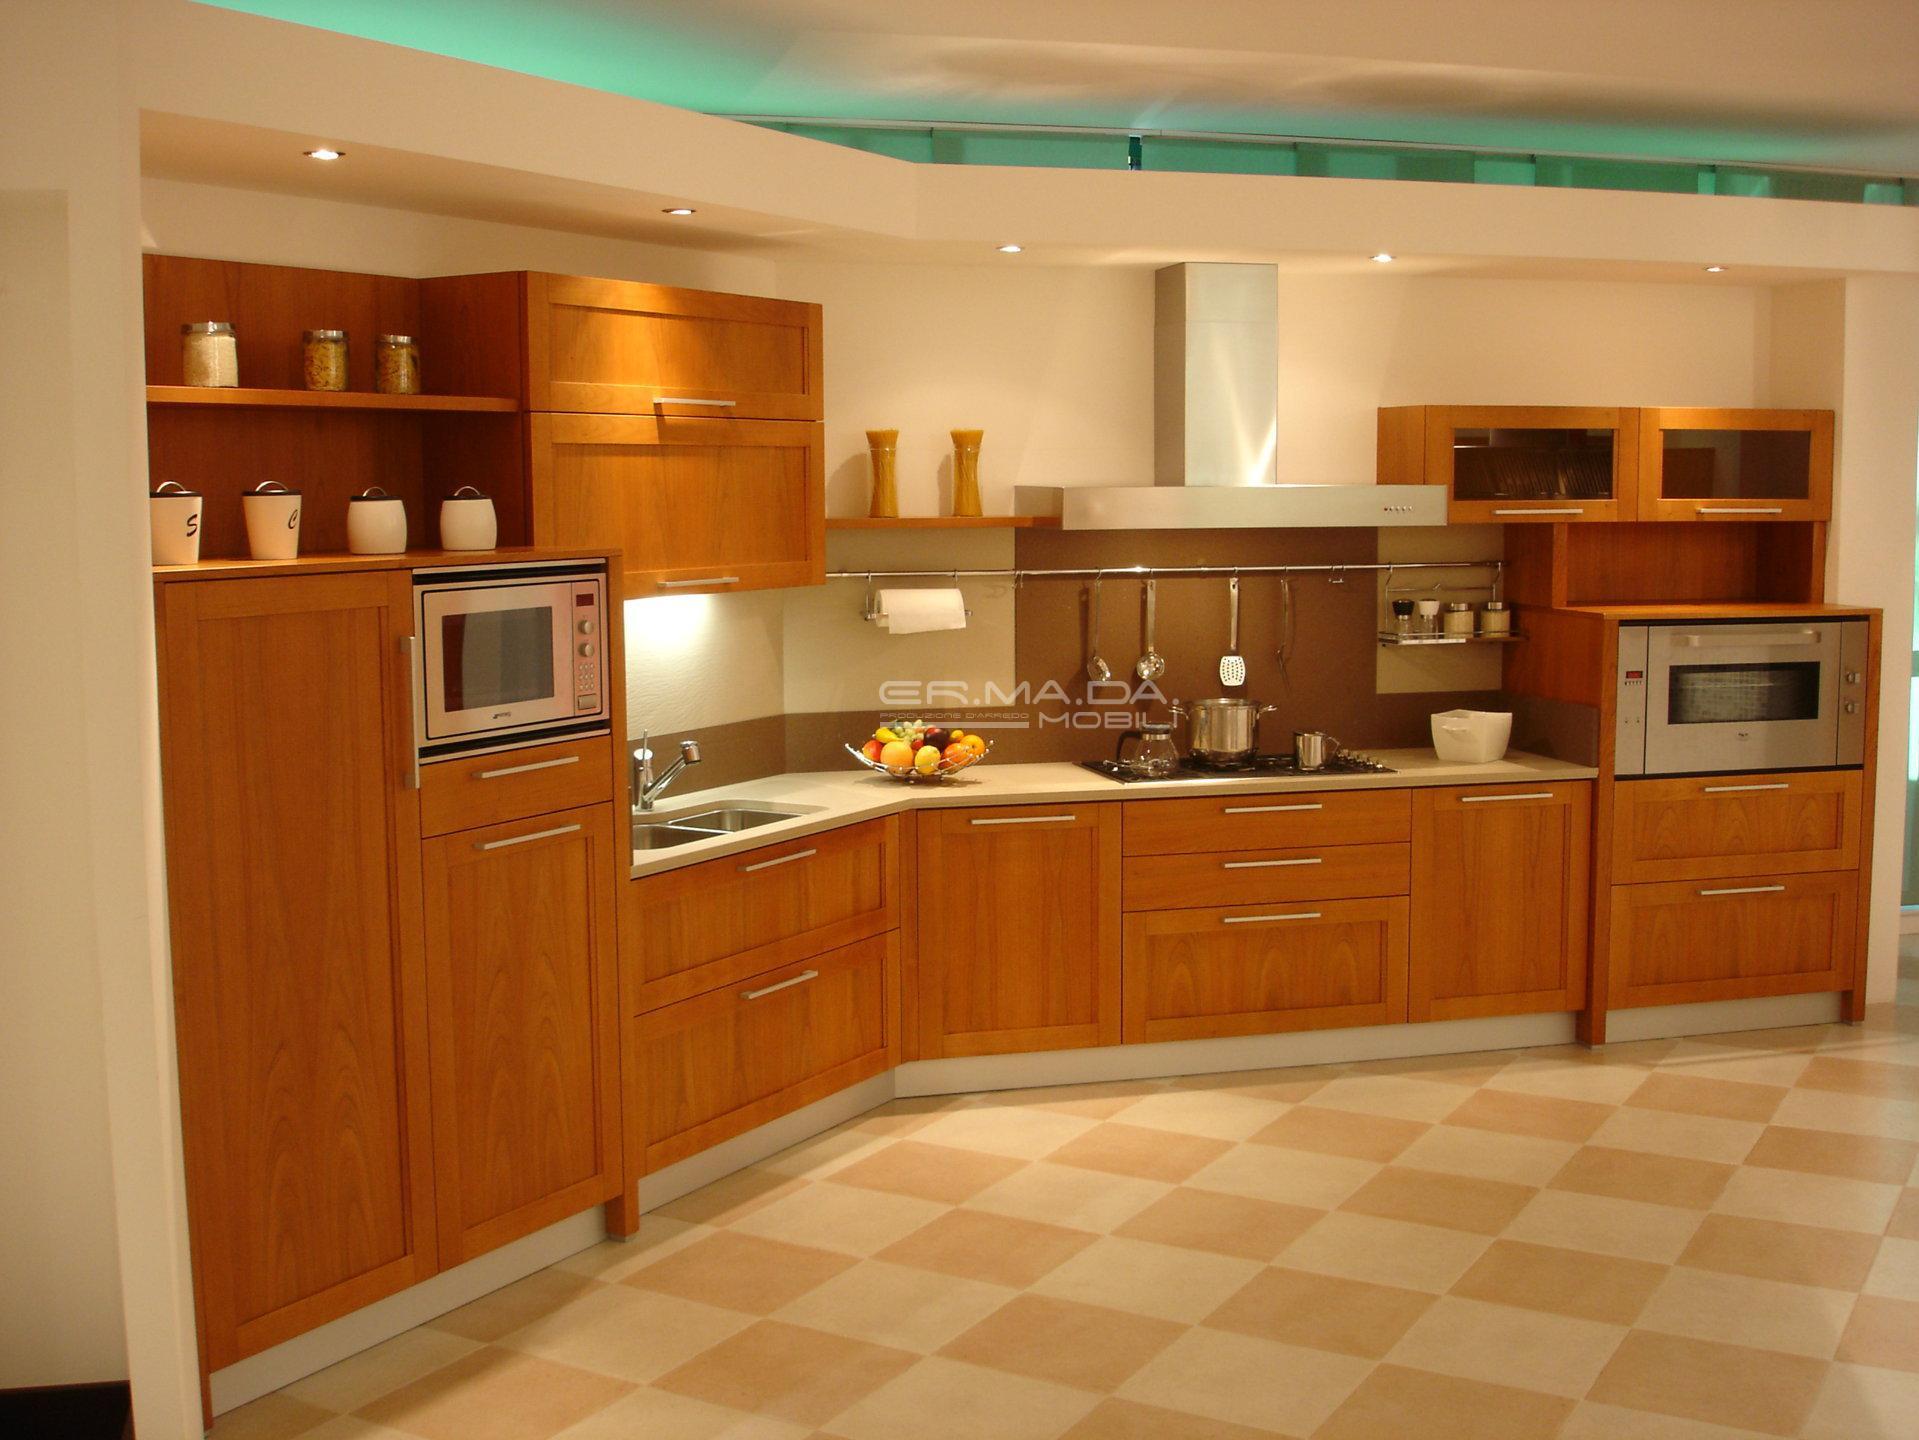 12 cucina a telaio in ciliegio chiaro er ma da for Cucina moderna in ciliegio